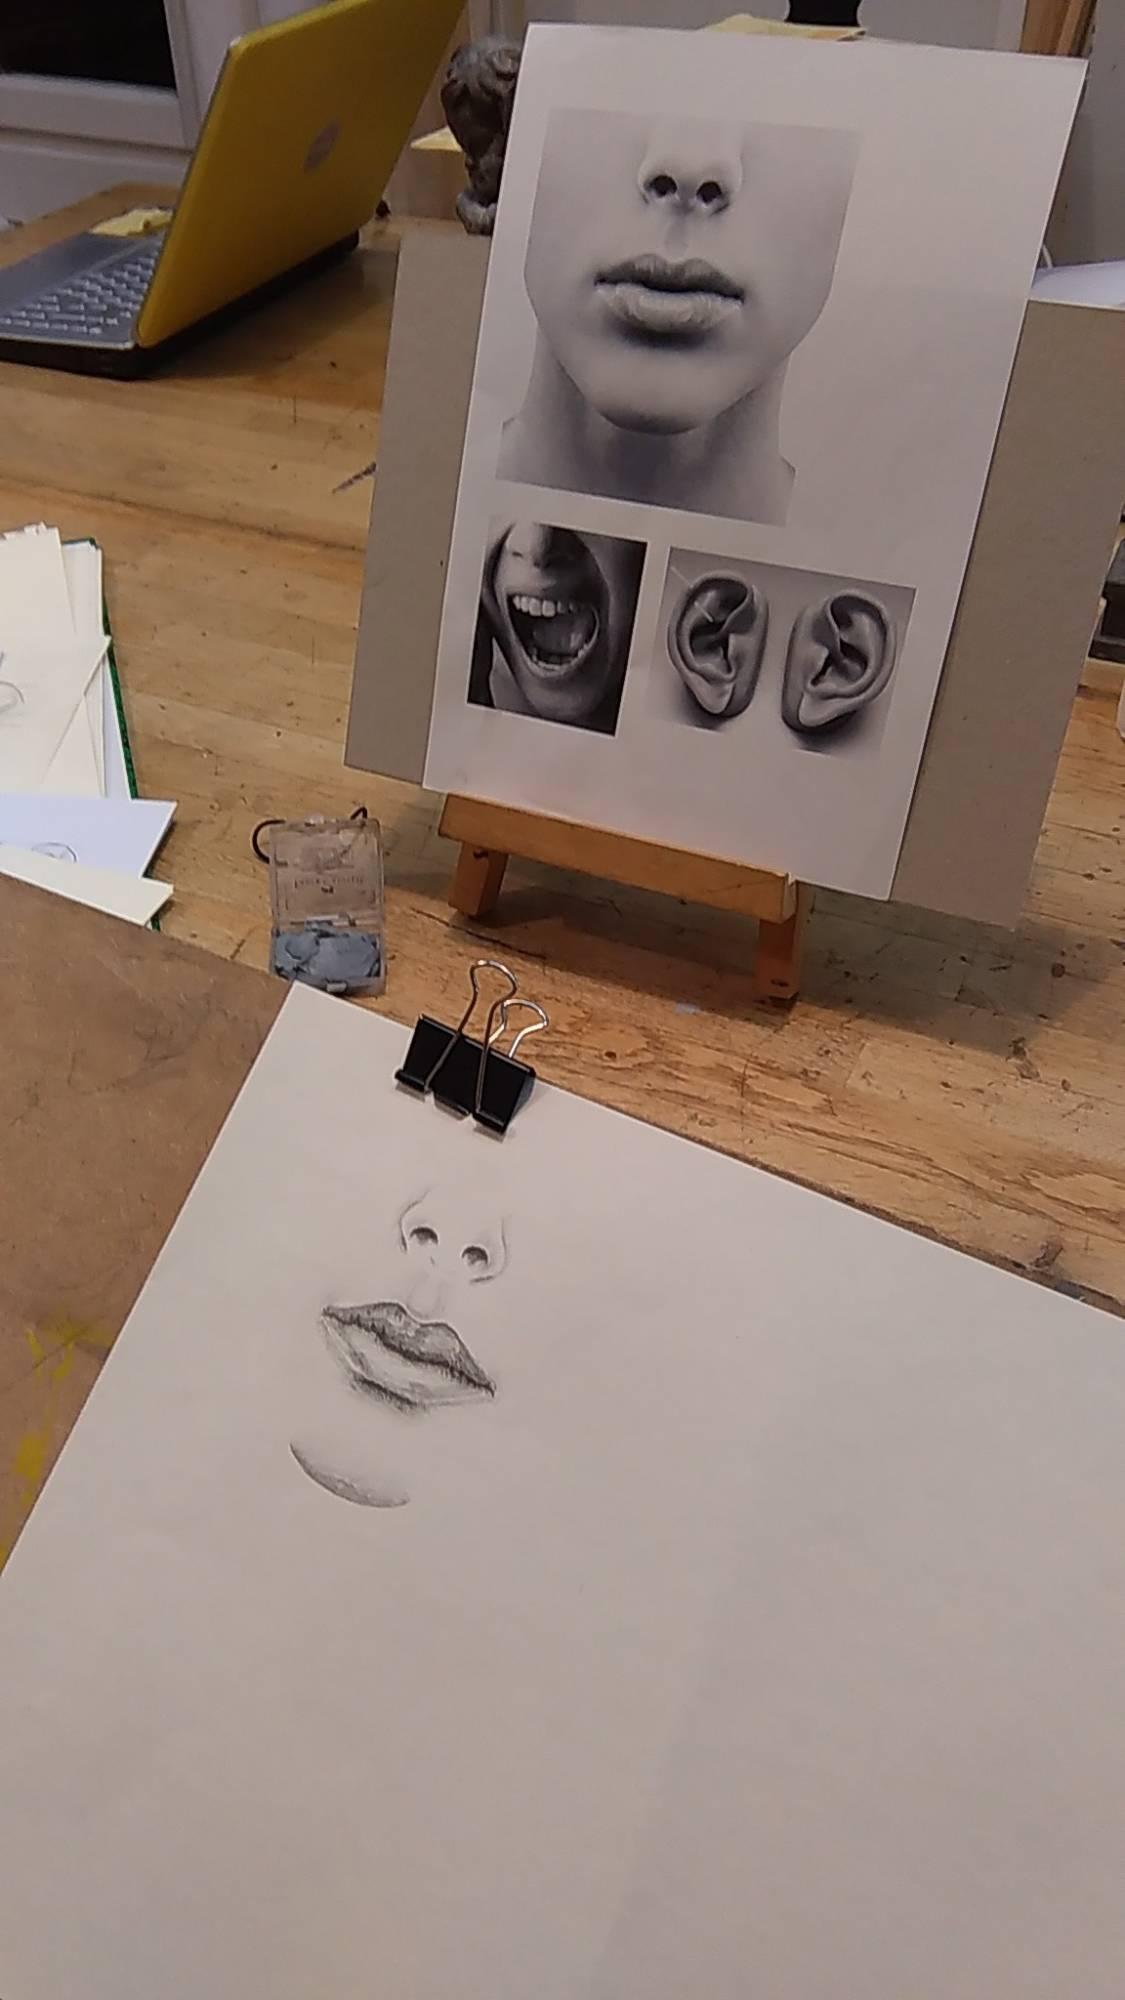 Apprendre à dessiner le visage et le corps humain.